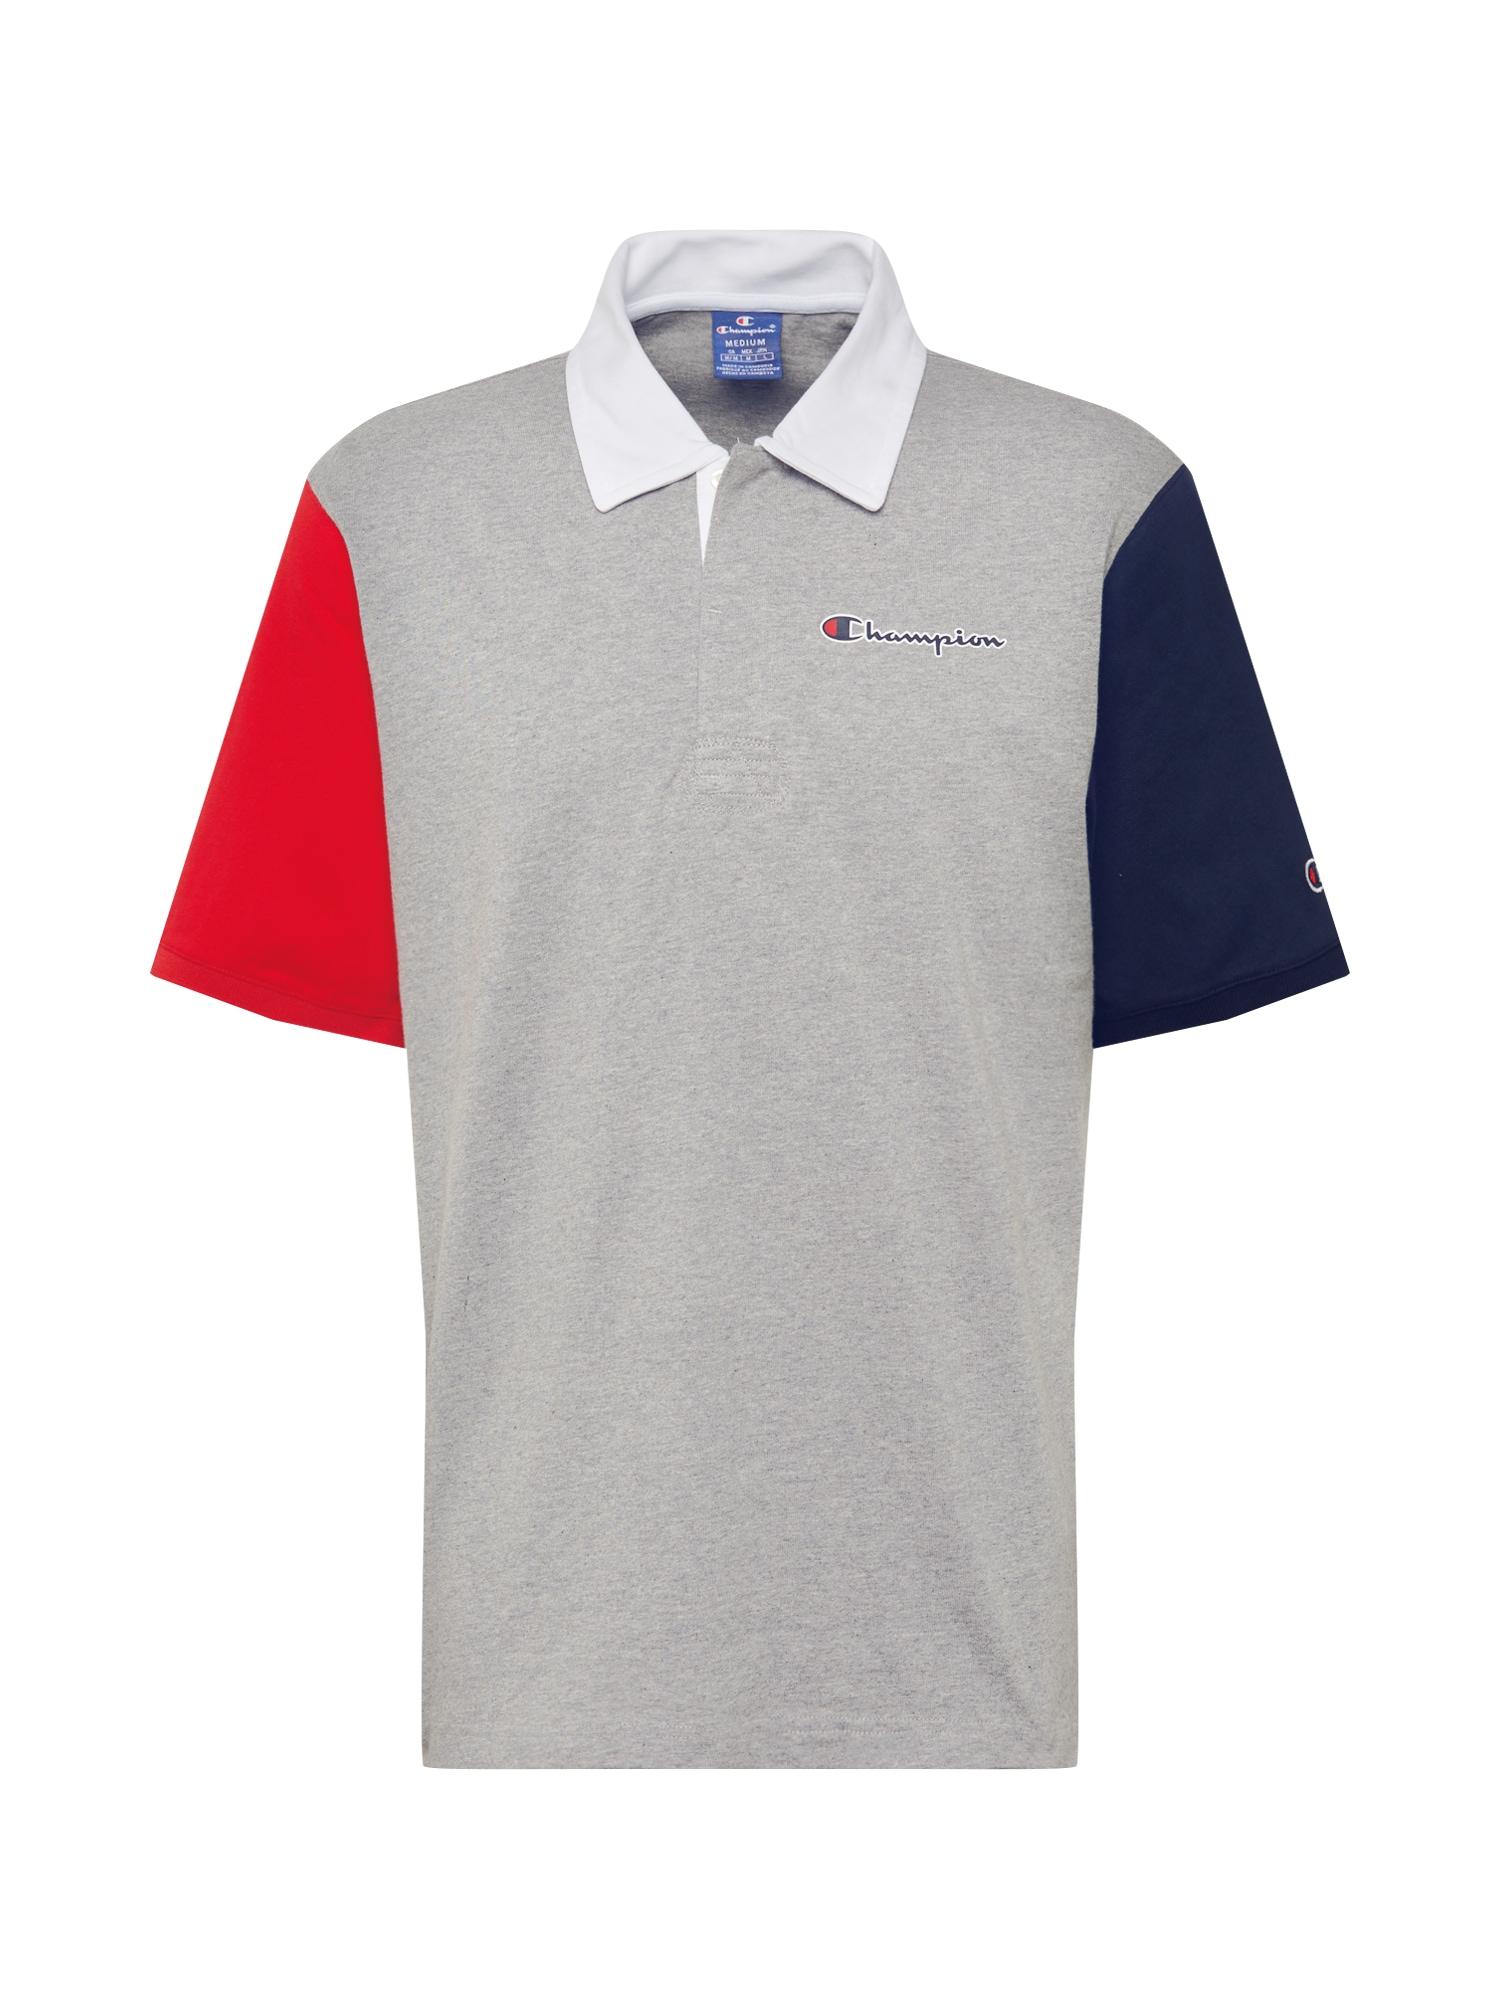 Champion Authentic Athletic Apparel Marškinėliai mėlyna / pilka / raudona